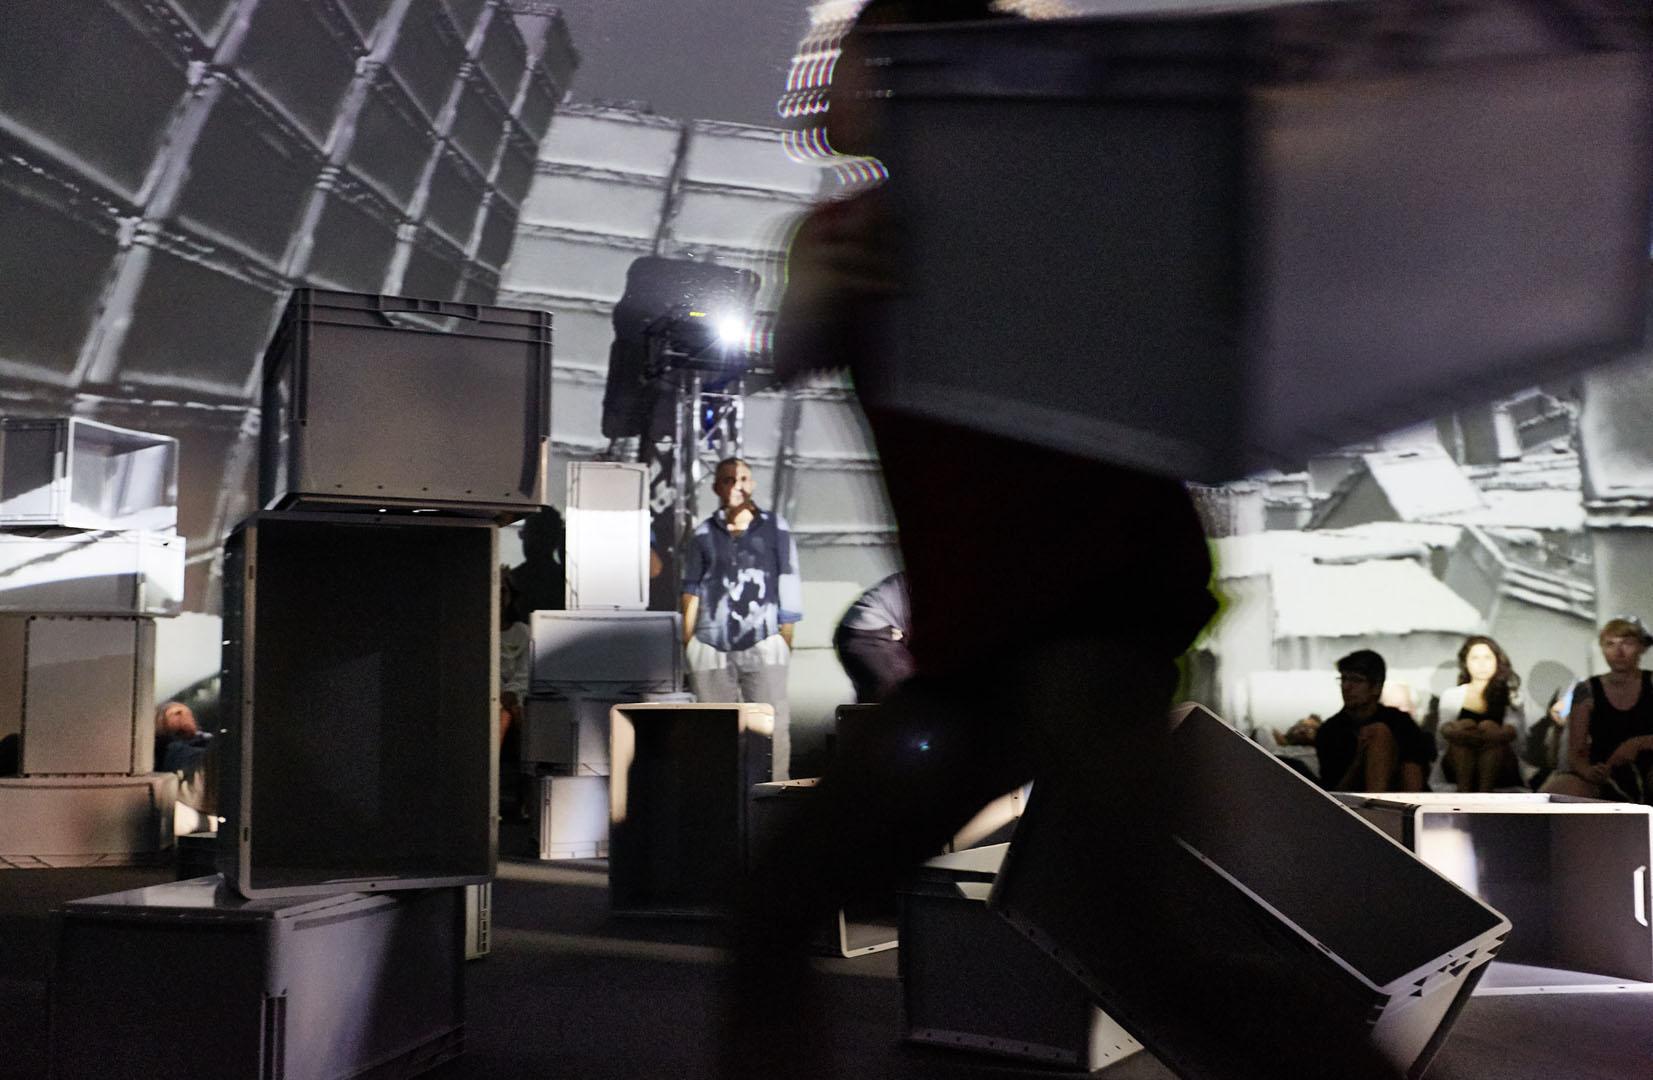 """Angewandte Festival 2019 Mit einem ganz neuen Ausstellungs- und Veranstaltungskonzept präsentiert sich die Angewandte zum Jahresabschluss des Studienjahres 2018/19. Das Angewandte Festival öffnet die Institution und will gesellschaftspolitische Themen sowie künstlerische Positionen in und mit der Öffentlichkeit verhandeln. In den teils neuen Räumlichkeiten der Angewandten präsentieren sich die Abteilungen und das ehemalige Ausstellungsformat """"The Essence"""" wird durch ein vielfältiges Programm unter dem Leitmotiv Öffnungen/Openings erweitert. Neben unterschiedlichen Ausstellungssettings aller künstlerischen Abteilungen wird der Oskar-Kokoschka-Platz für den Verkehr gesperrt und zur Bühne für multidisziplinäre Beiträge, die zur aktiven Teilnahme und Auseinandersetzung anregen sollen.  Mit Interventionen, Installationen, Ausstellungen, Performances, Konzerten, Workshops, Touren und Screenings zeigt die Angewandte nicht nur die Vielfalt an Studienfächer, sondern die künstlerische und wissenschaftliche Praxis und deren Prozesse sowie die disziplinen-übergreifenden Herangehensweise. Anspruch des Festivals ist die Verschränkung und Interaktion von Theorie und Praxis, Bildender Kunst und Design, Forschung und Wissenschaft zu veranschaulichen, auf Problemfelder aktueller Phänomene der Gesellschaft hinzuweisen und neue Felder von Wissensproduktion zu erproben."""